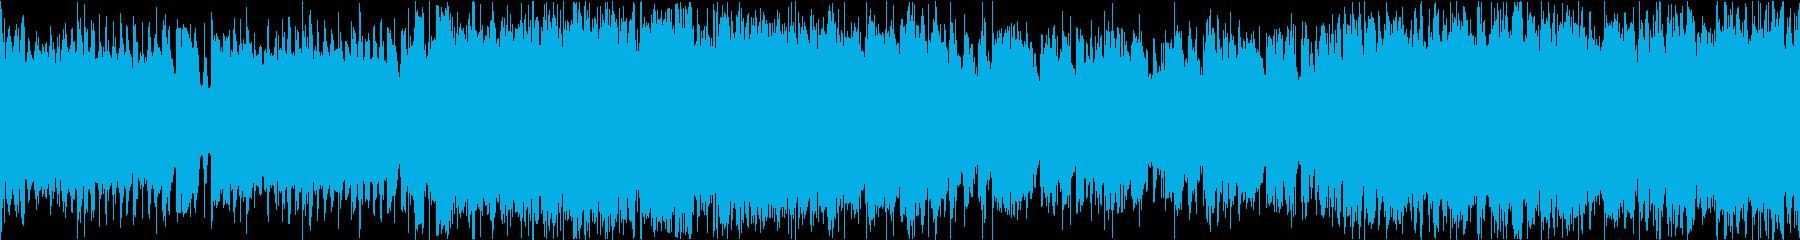 明るいギターロックインスト/ループの再生済みの波形